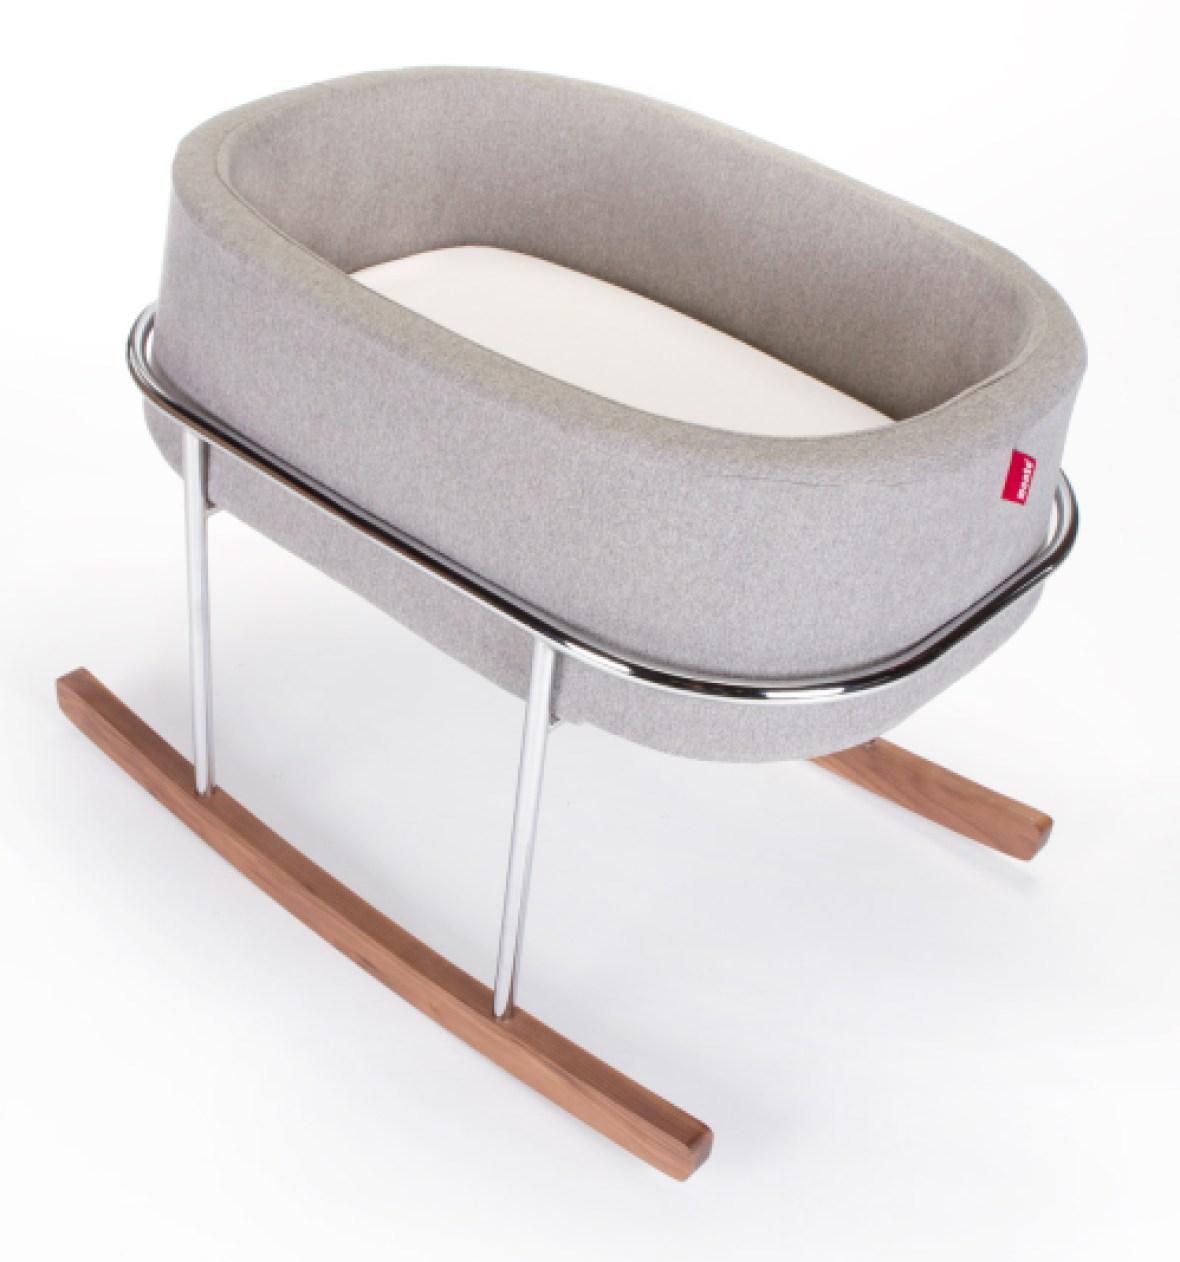 prime day 2017_closer - monte design rockwell bassinet modern (heather grey basket)